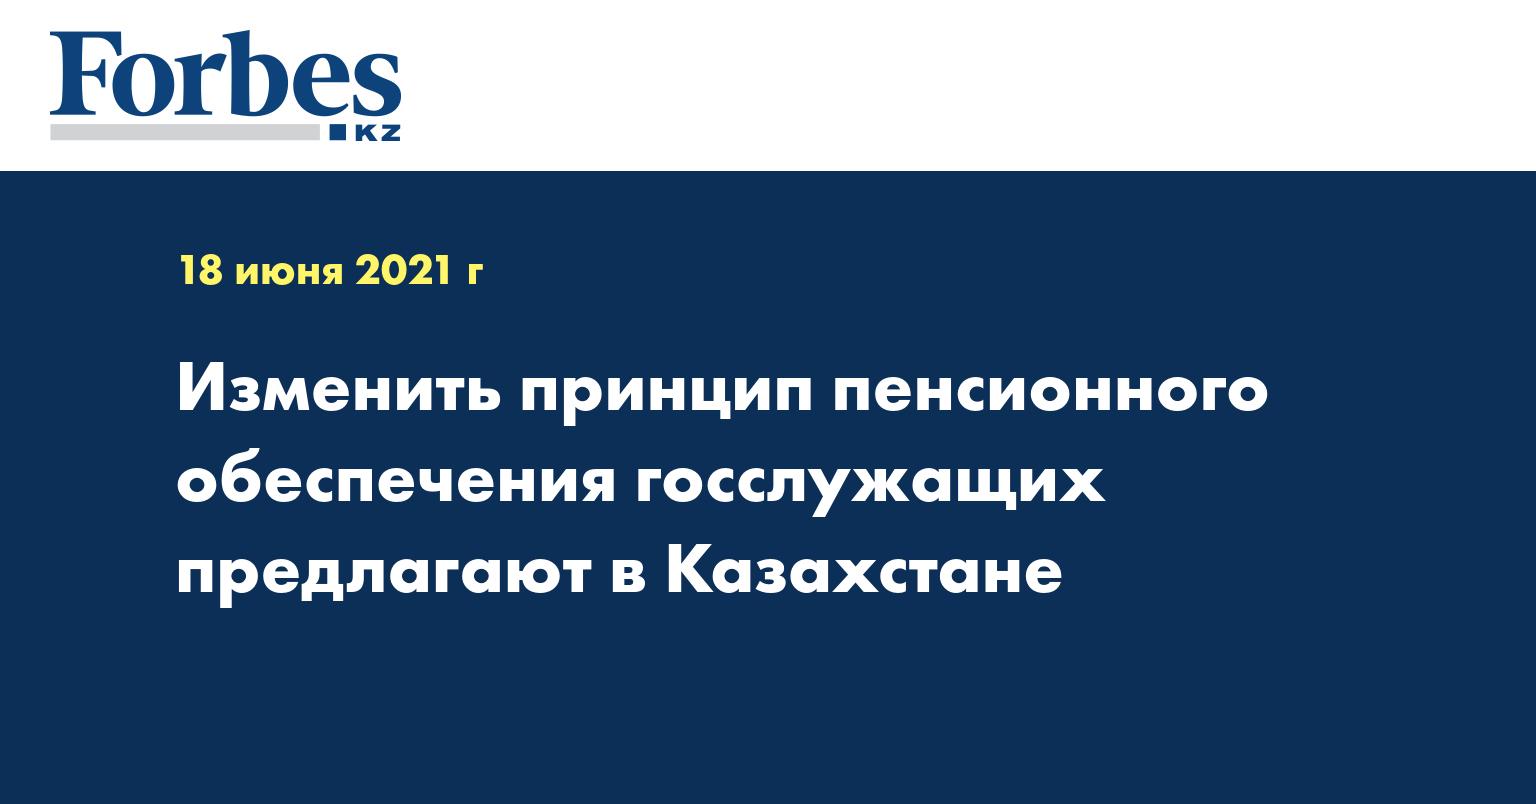 Изменить принцип пенсионного обеспечения госслужащих предлагают в Казахстане